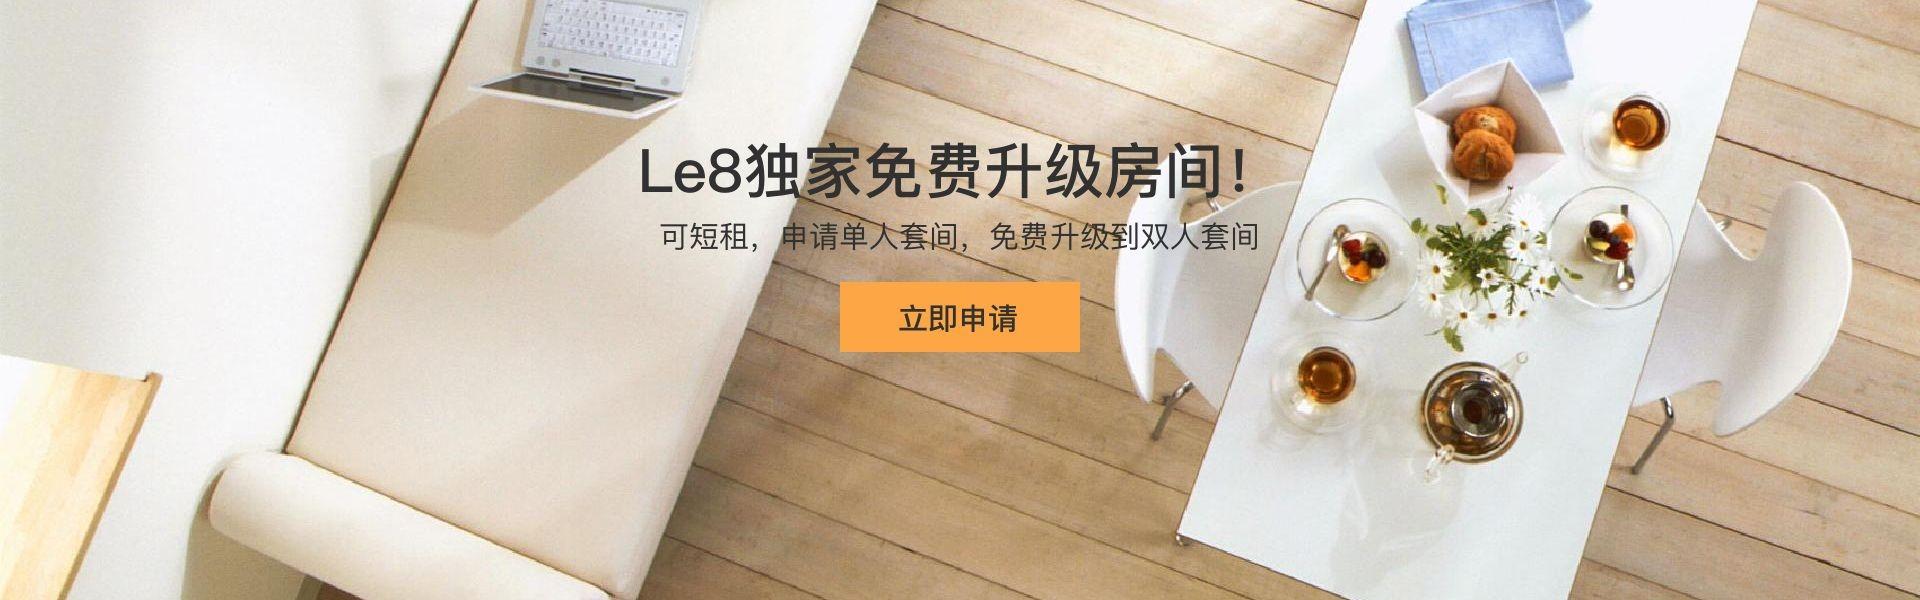 Le8学生公寓免费升级